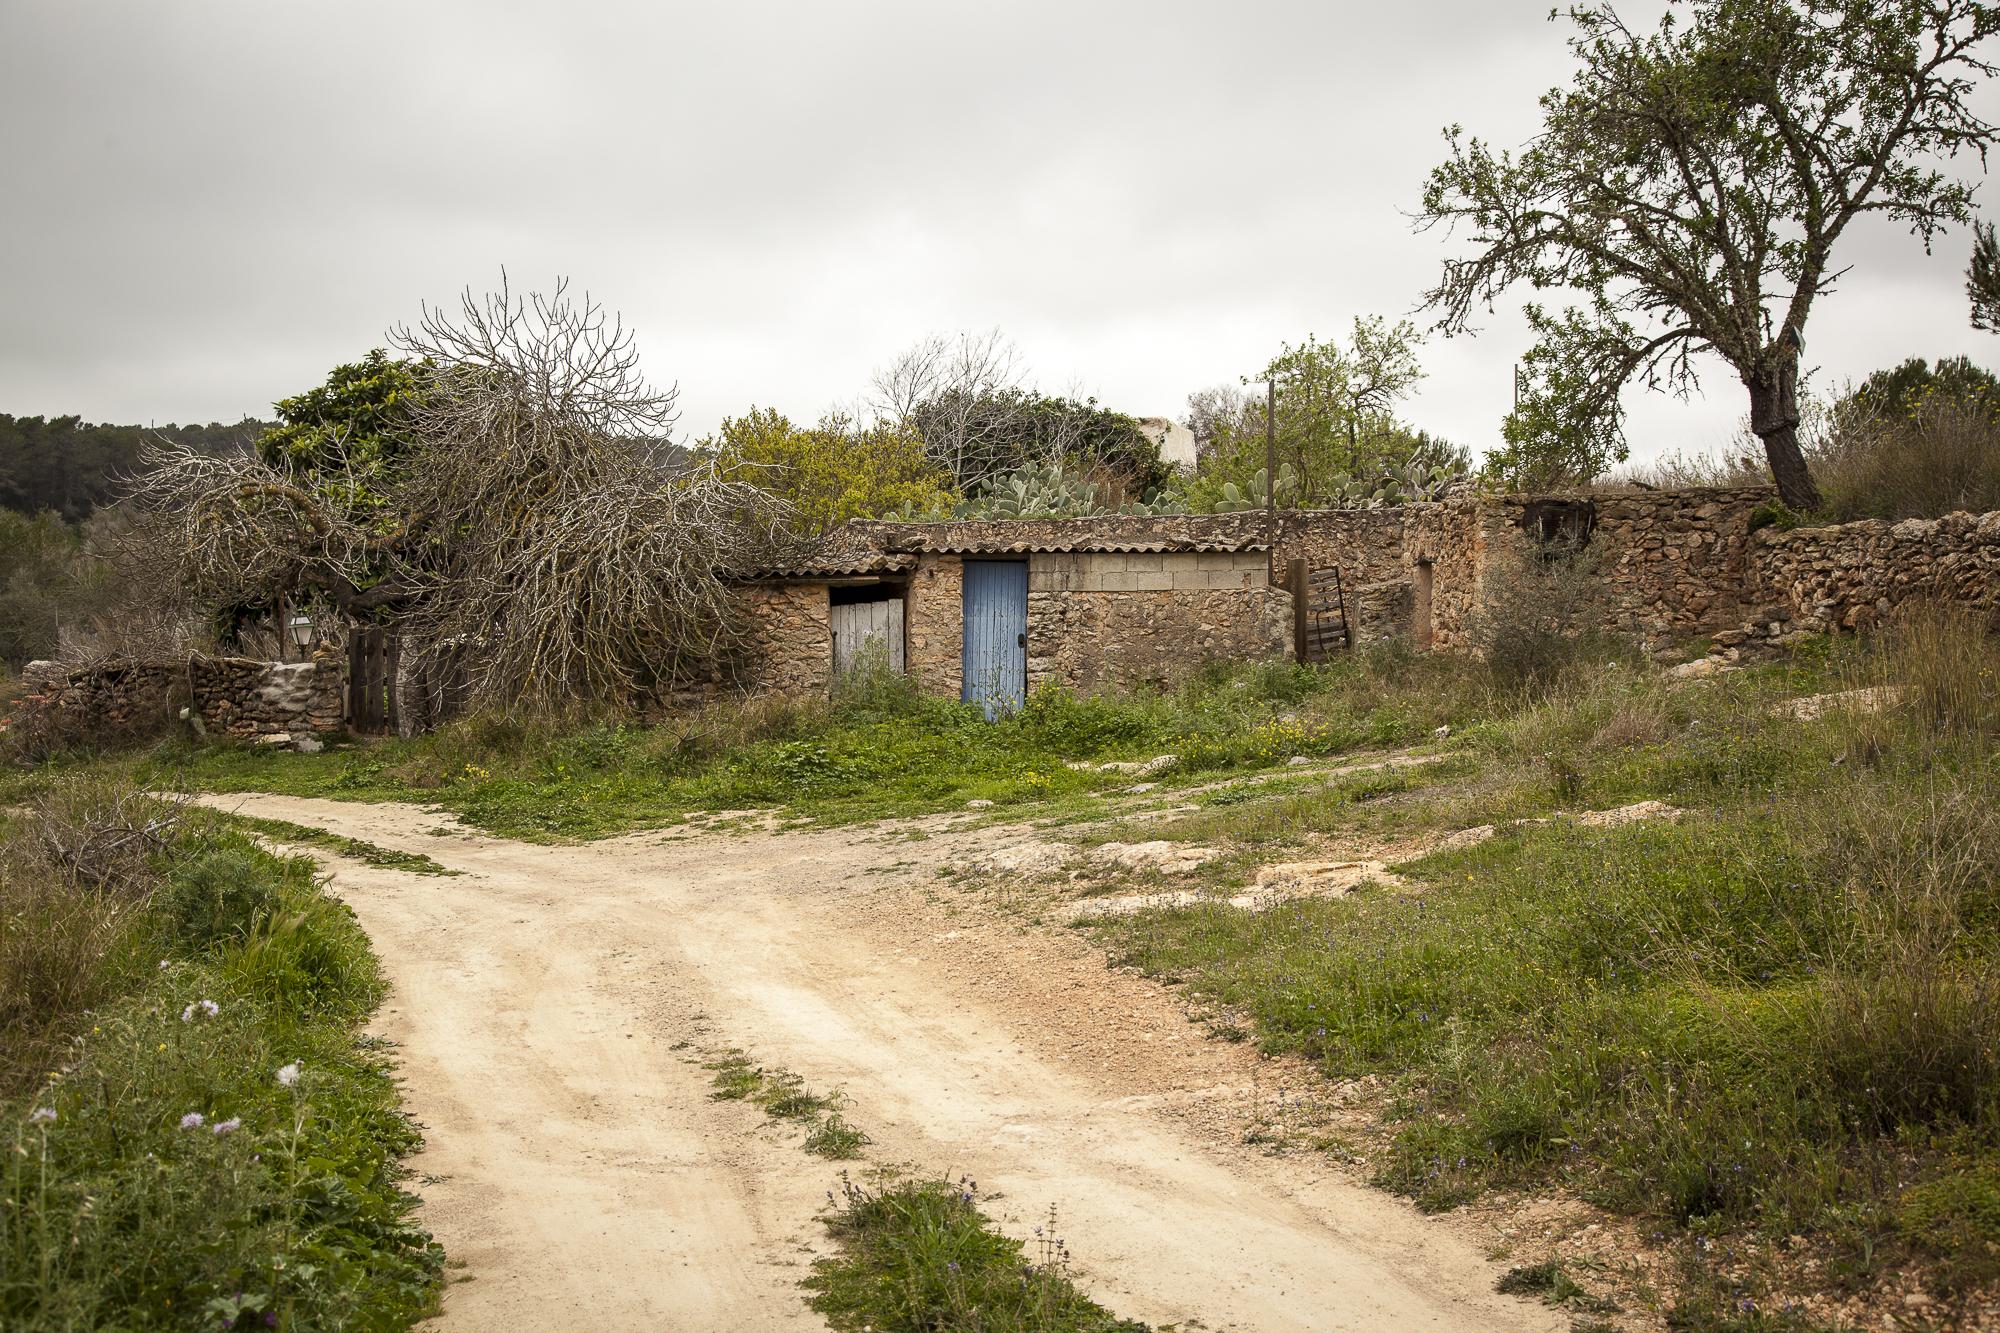 Solar urbano  Calle venda de benirras, 109. Prestigio, tranquilidad e intimidad absoluta: terreno rústico ed